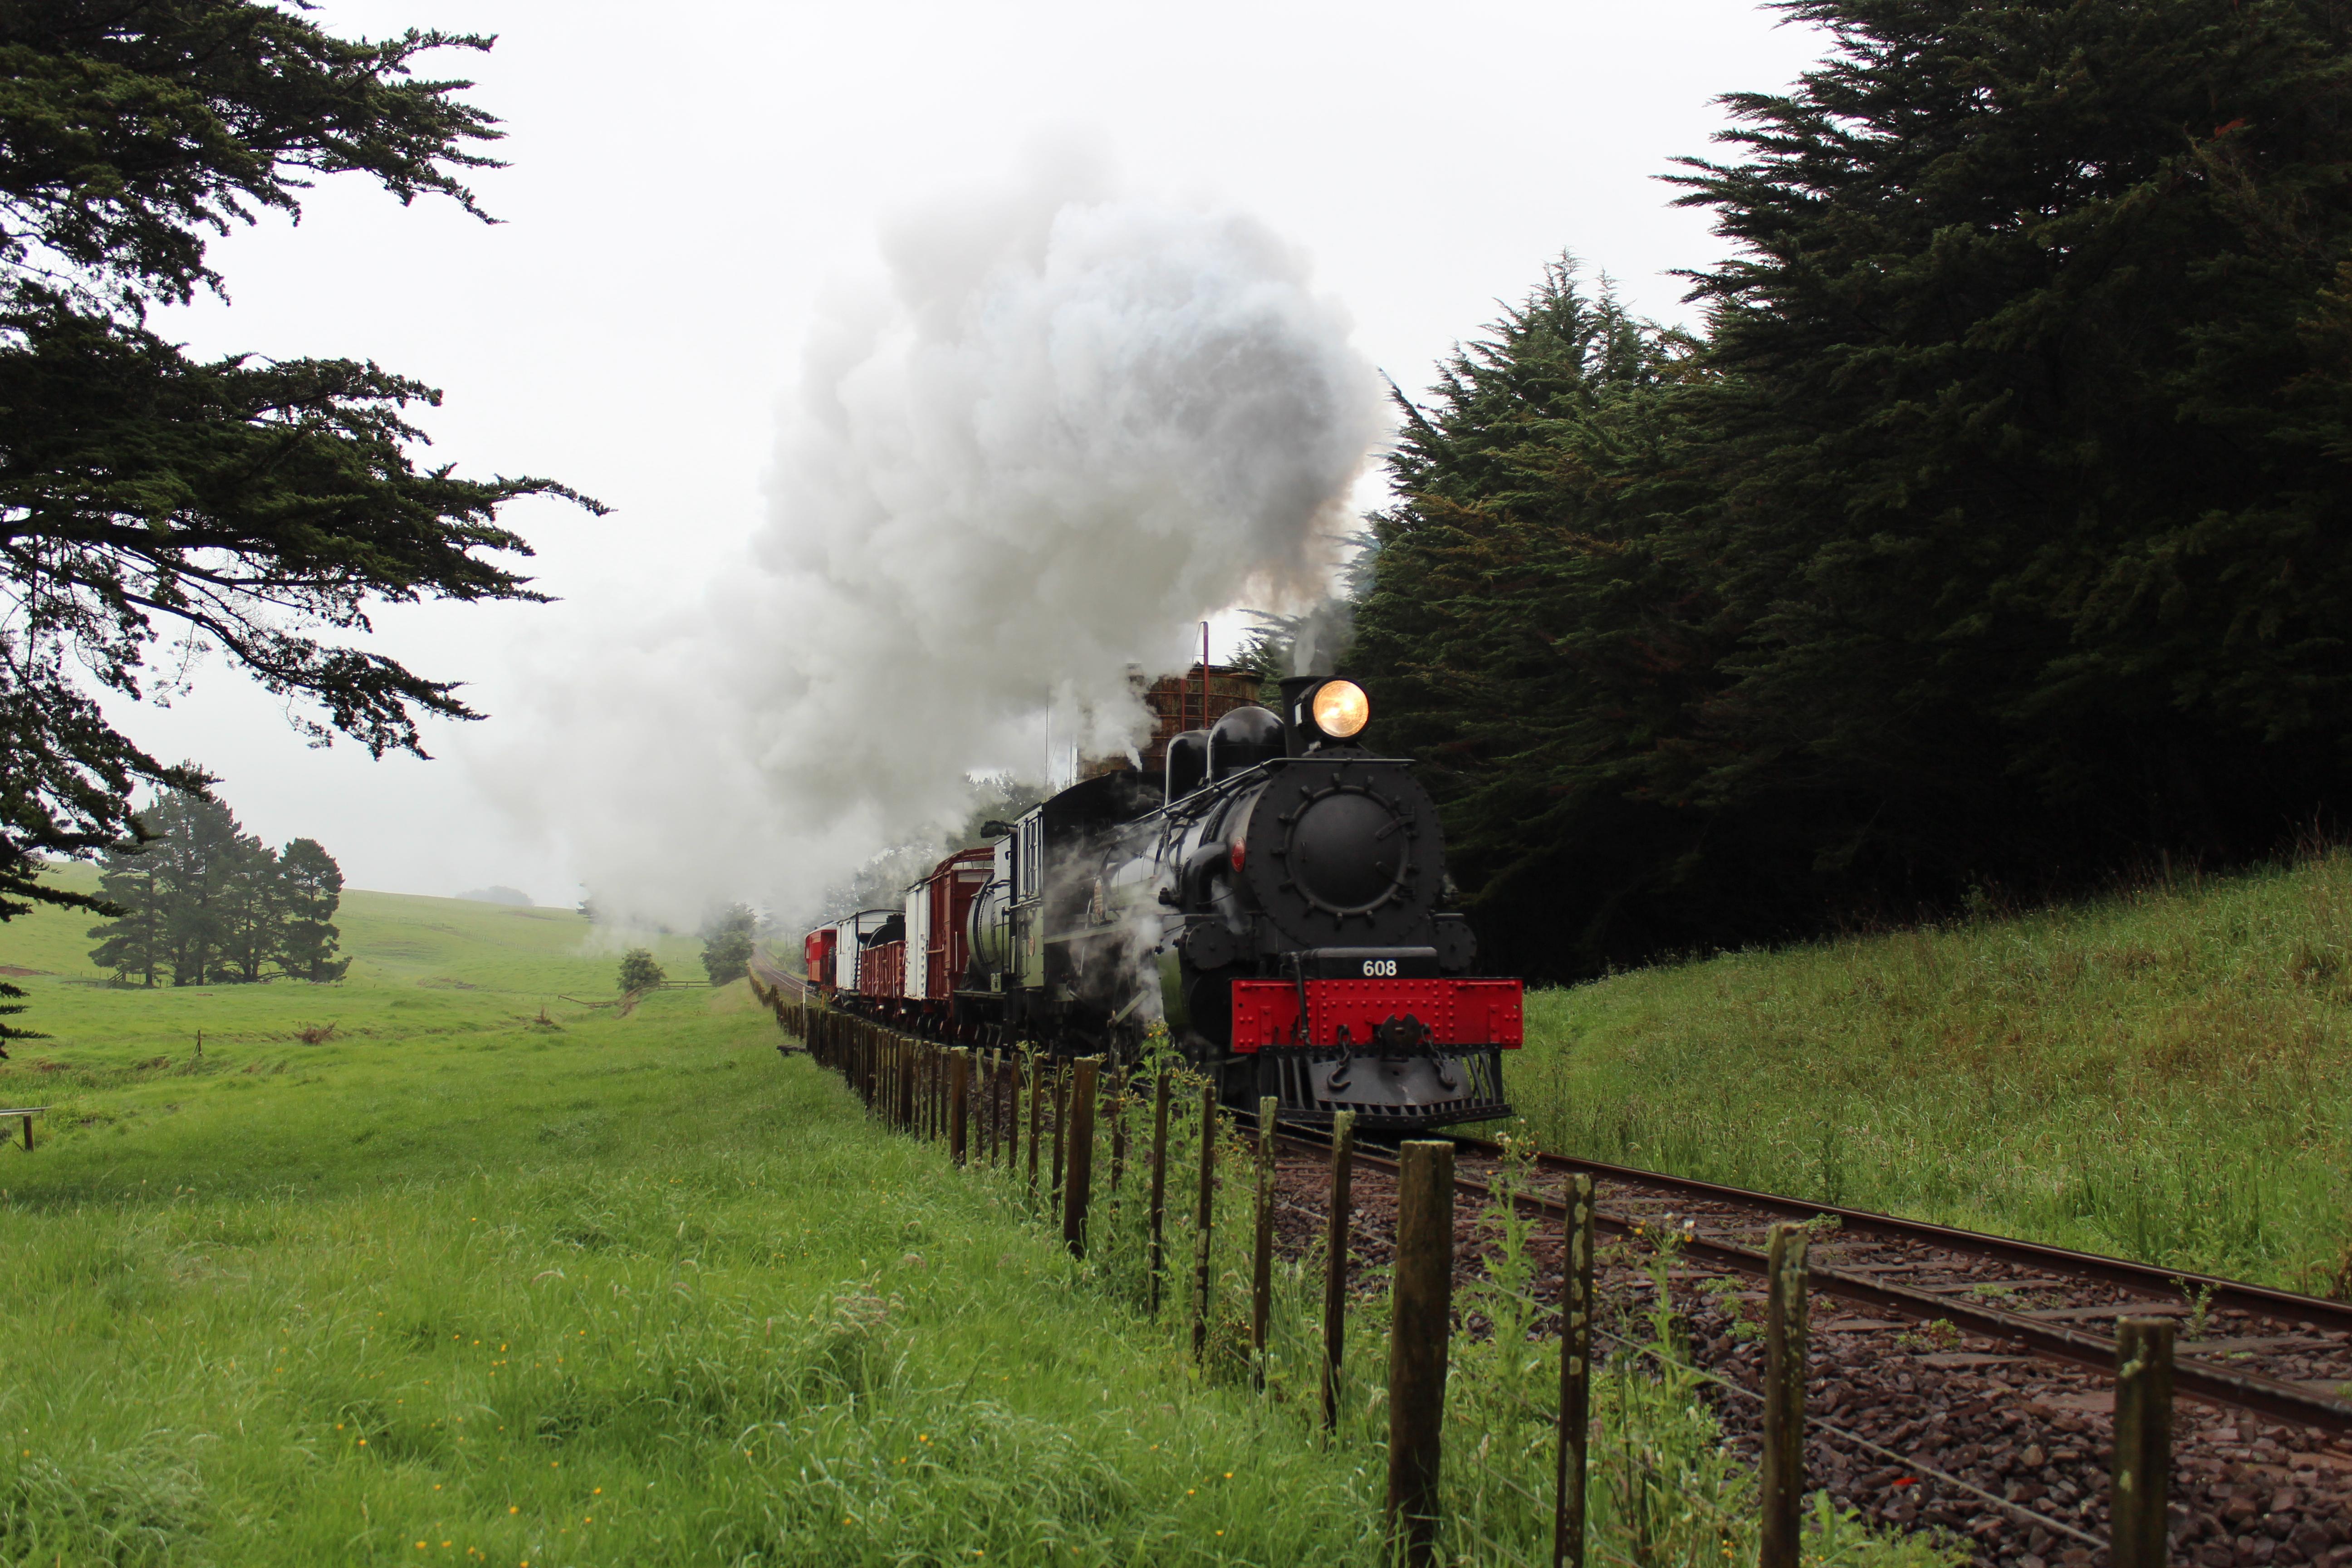 NZR Ab 608